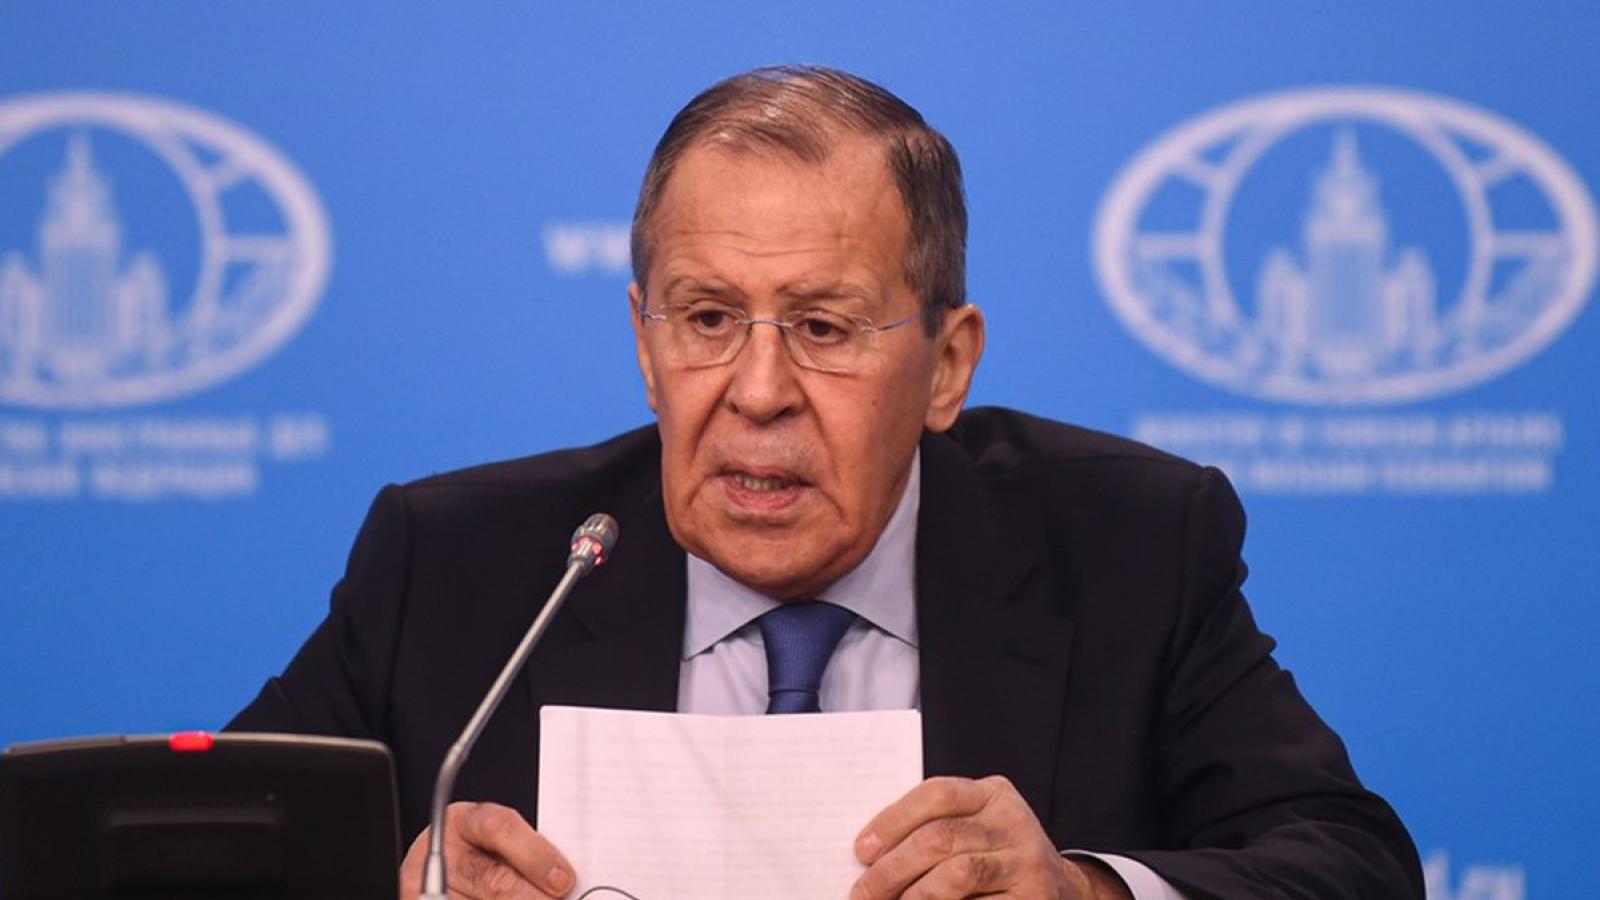 """Ngoại trưởng Nga thăm Trung Quốc tái khẳng định """"sức mạnh quan hệ"""" trước sức ép từ Mỹ"""